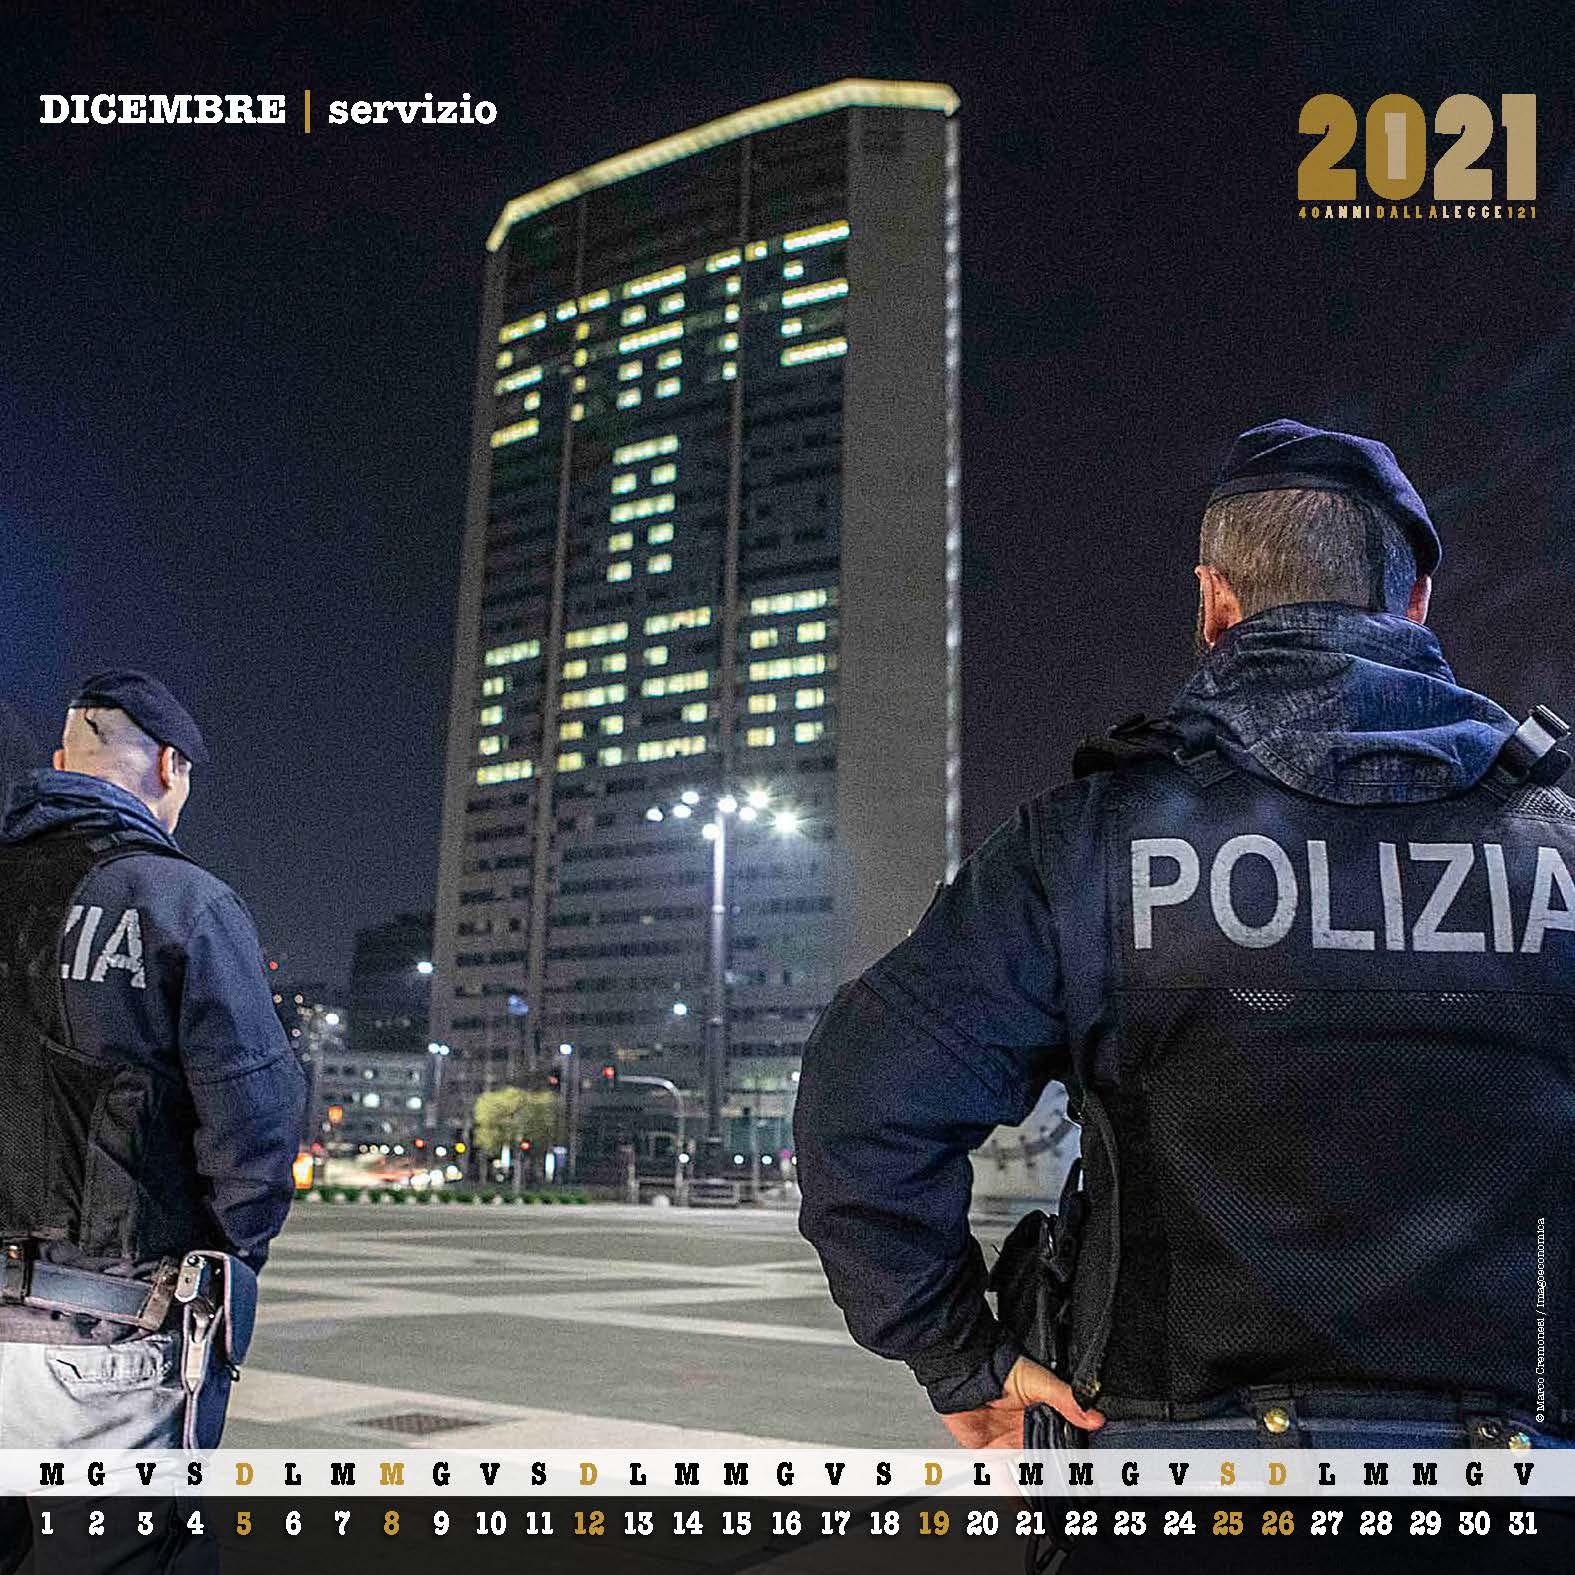 calendario polizia 2021 2   Novetv.com